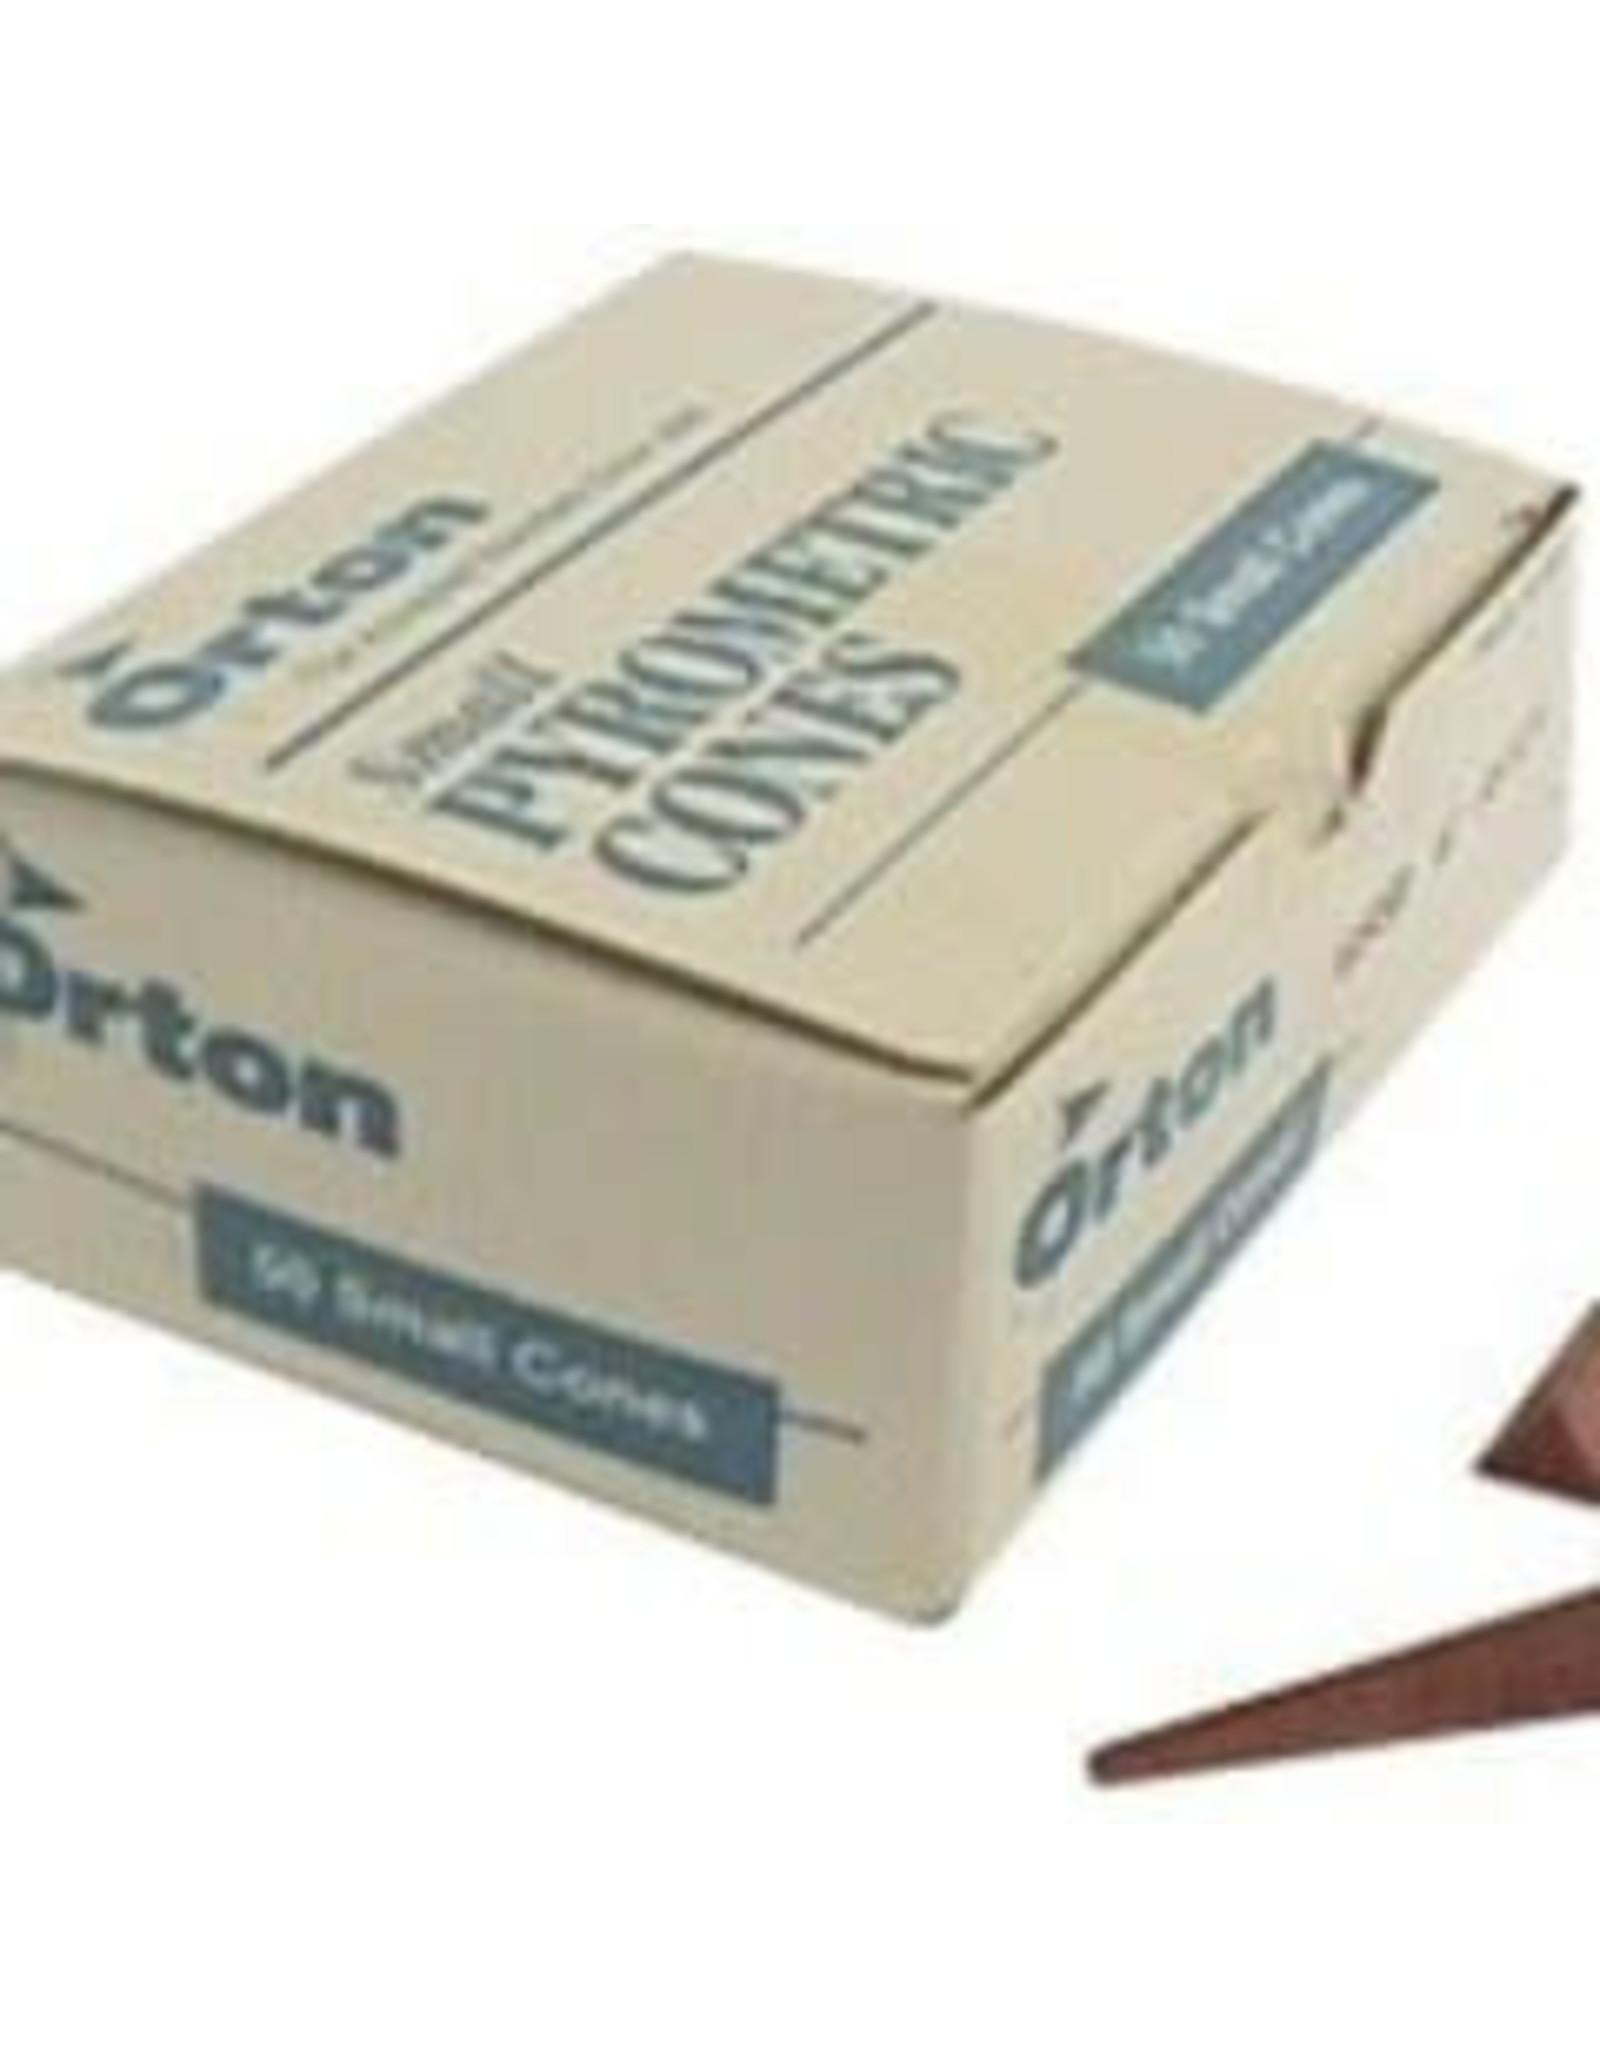 Orton small cone 015 (x10)